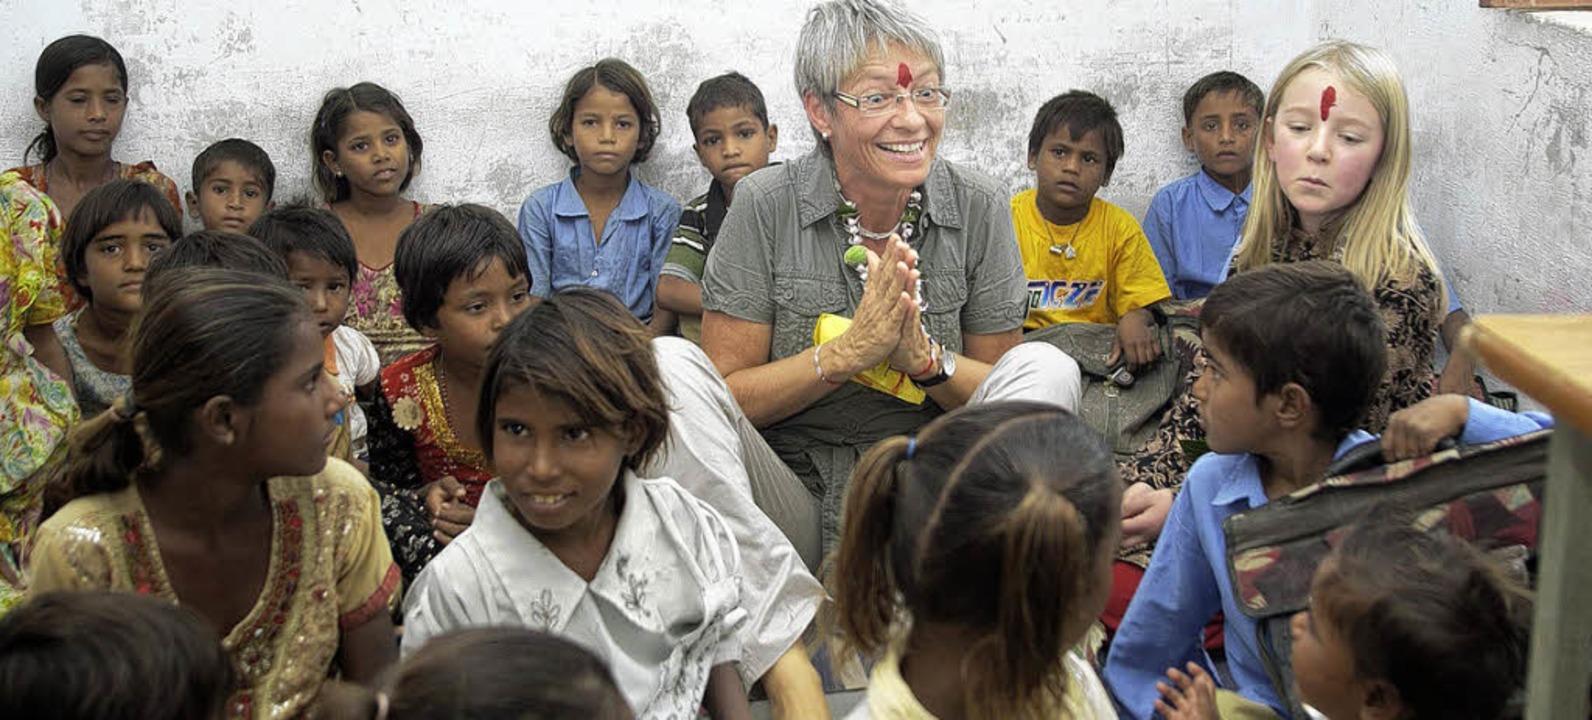 Uta Stehle, Schulleiterin der Karoline...n Bheel Basti im indischen Rajasthan.     Foto: Benjamin Pütter